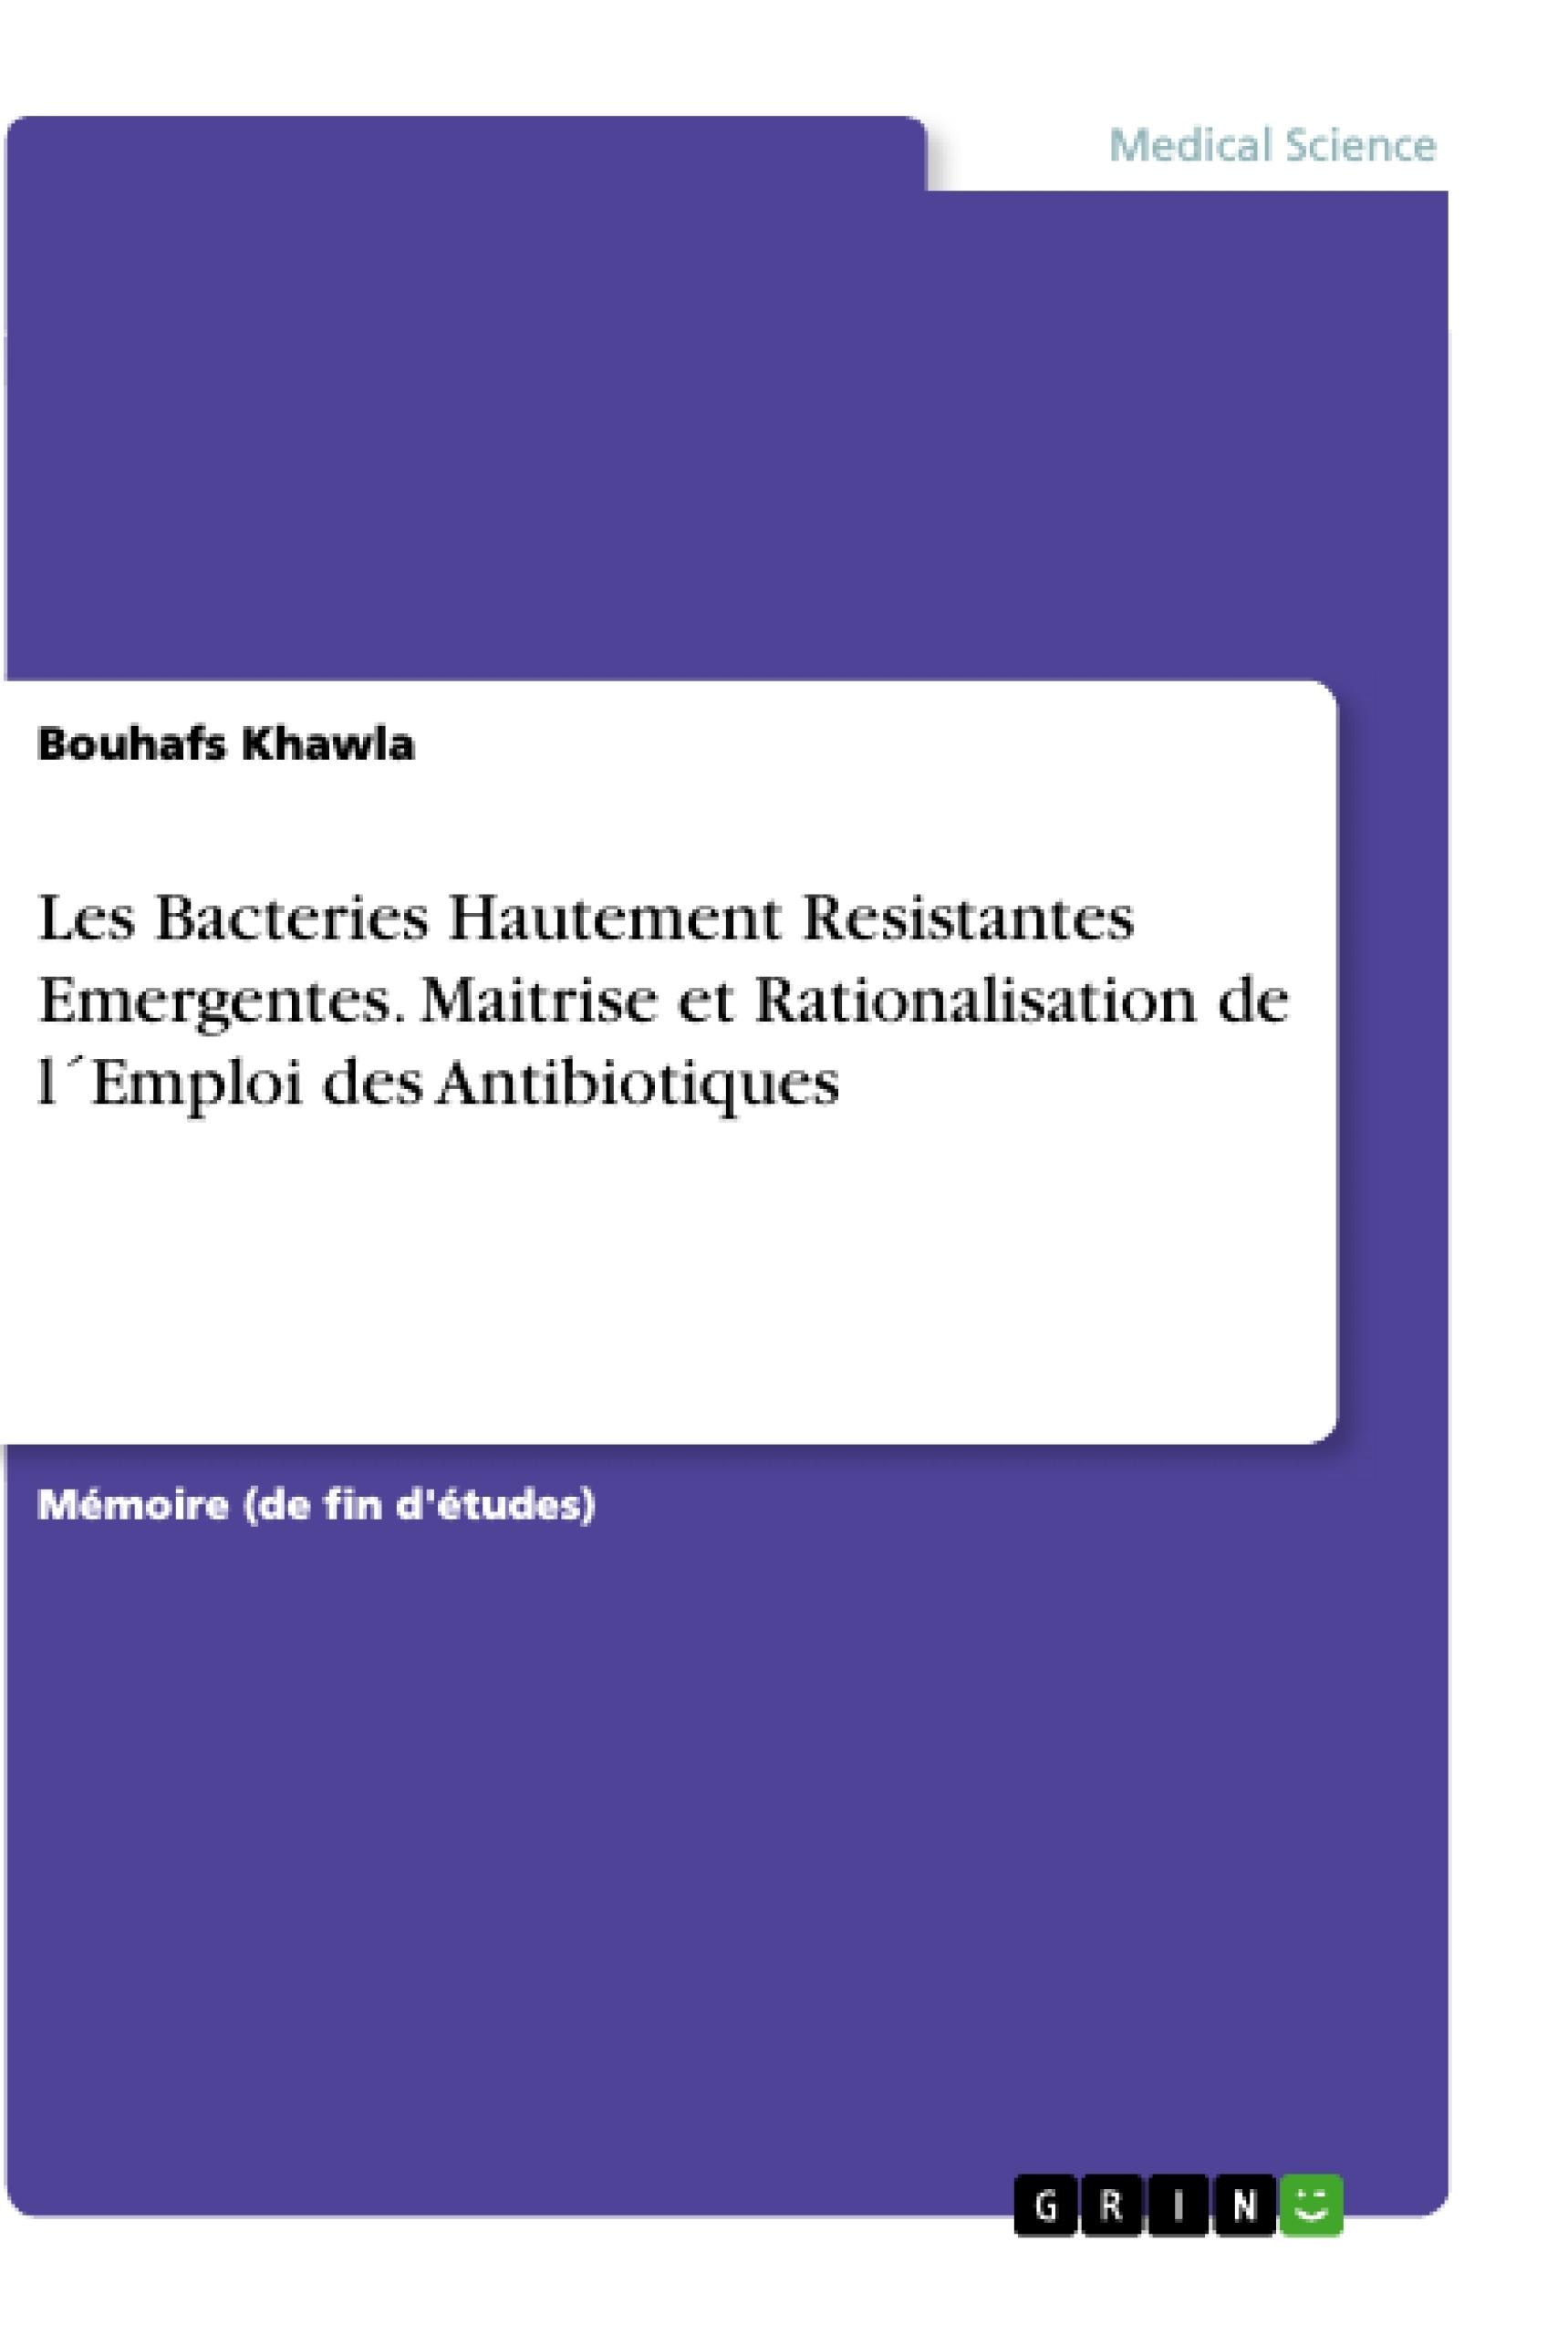 Titre: Les Bacteries Hautement Resistantes Emergentes. Maitrise et Rationalisation de l´Emploi des Antibiotiques